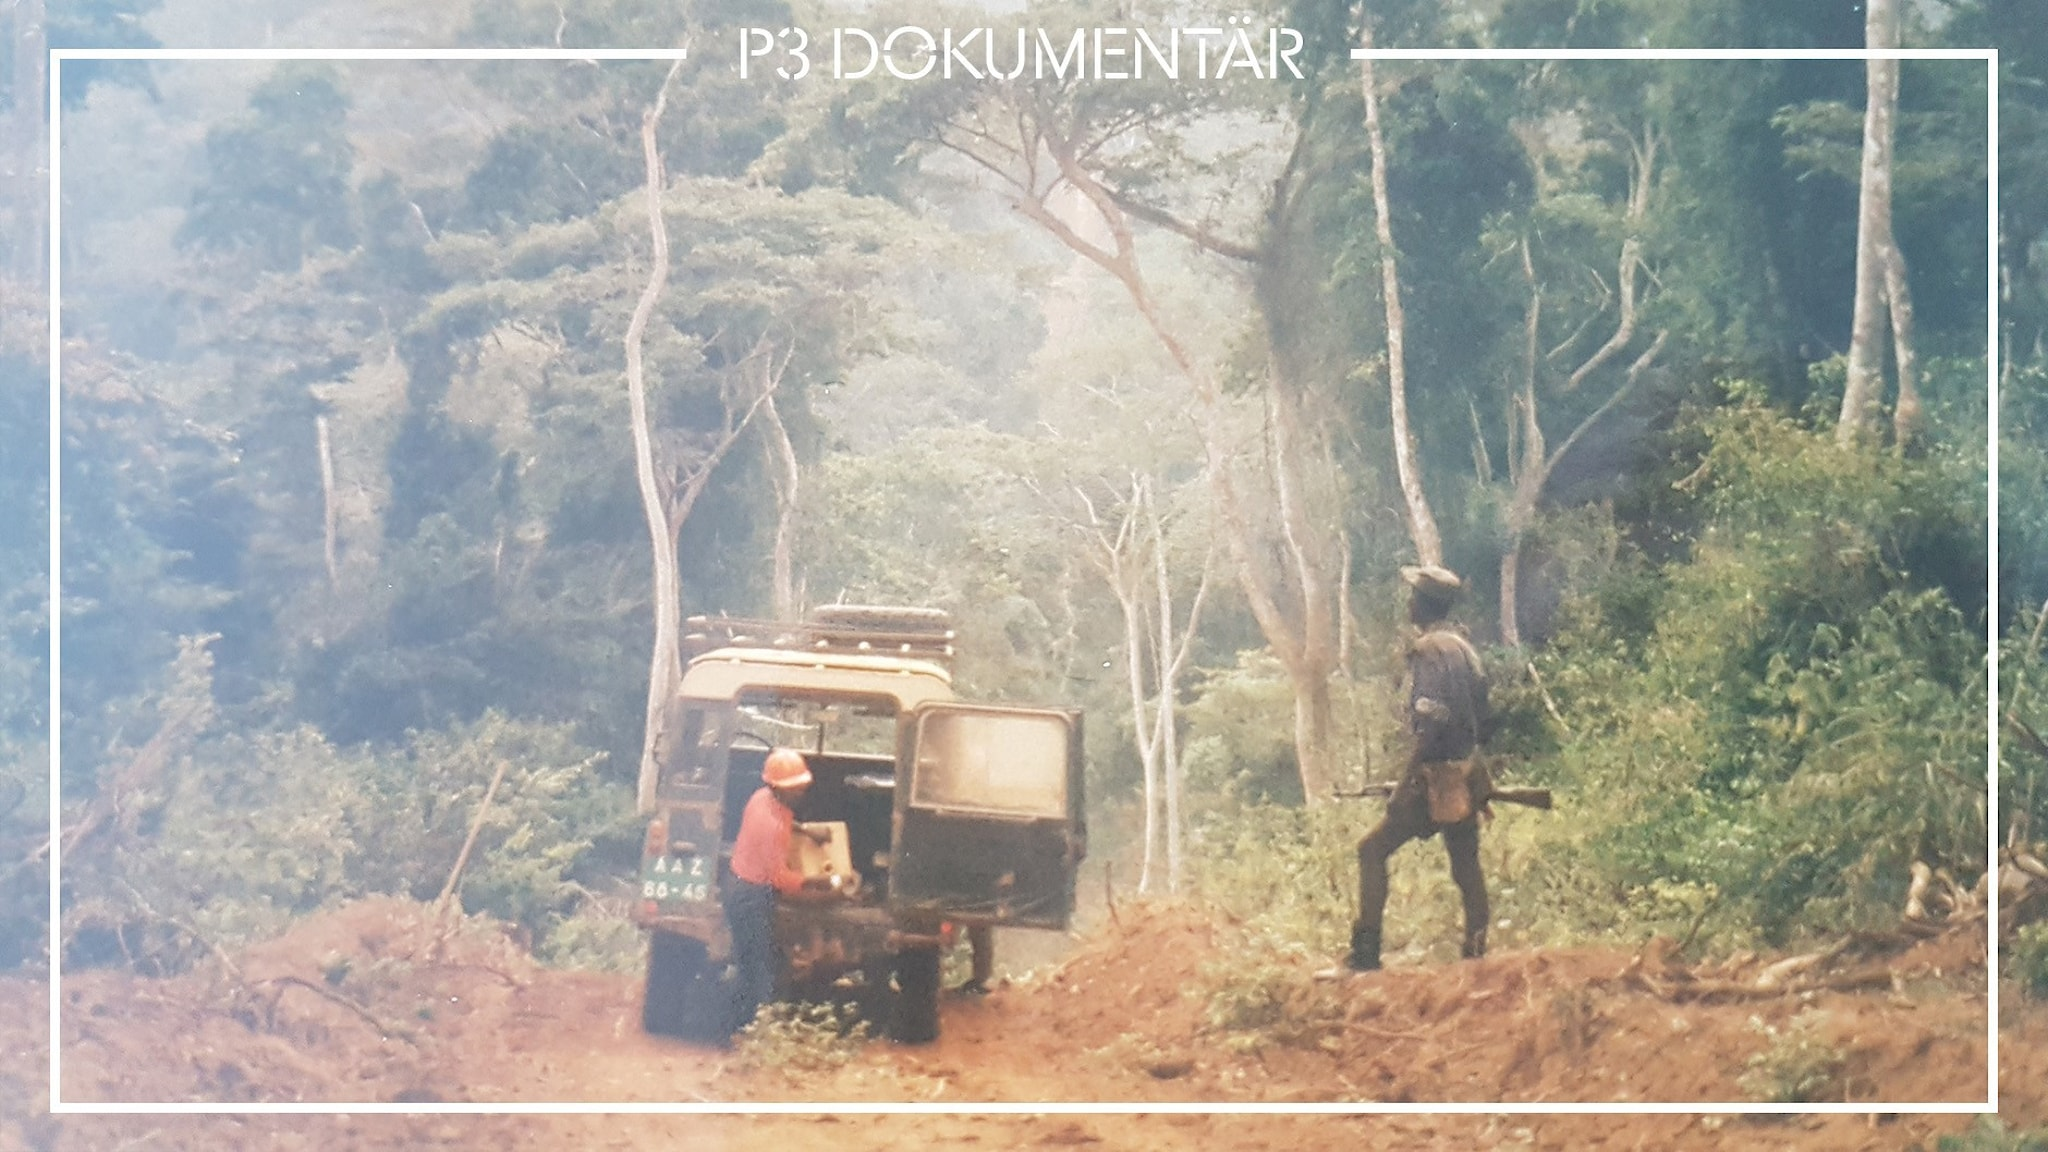 Två personer och en bil under biståndsarbete i Angola. Bilen är parkerad i djungeln.